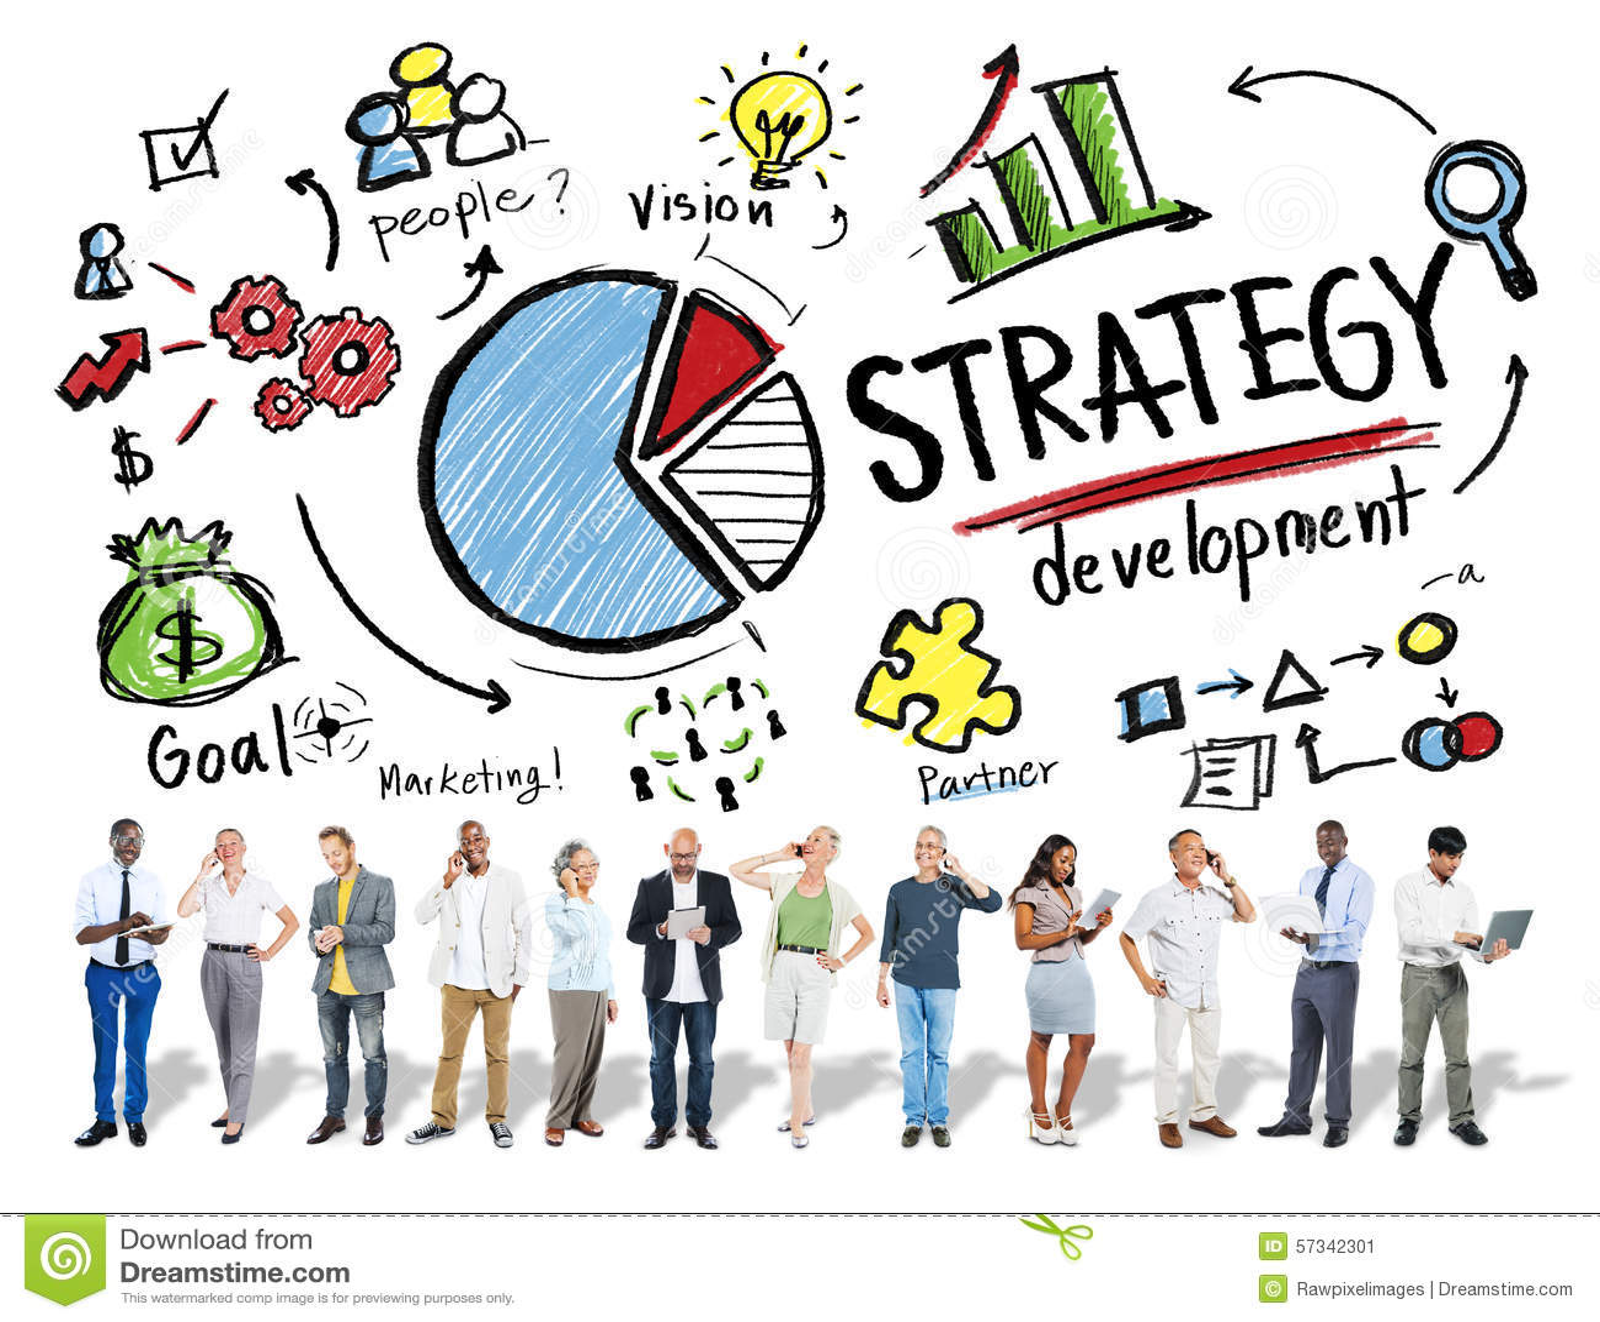 Strategie-Entwicklungs-Ziel-Marketing-Visions-Planungs-Geschäfts-Betrug